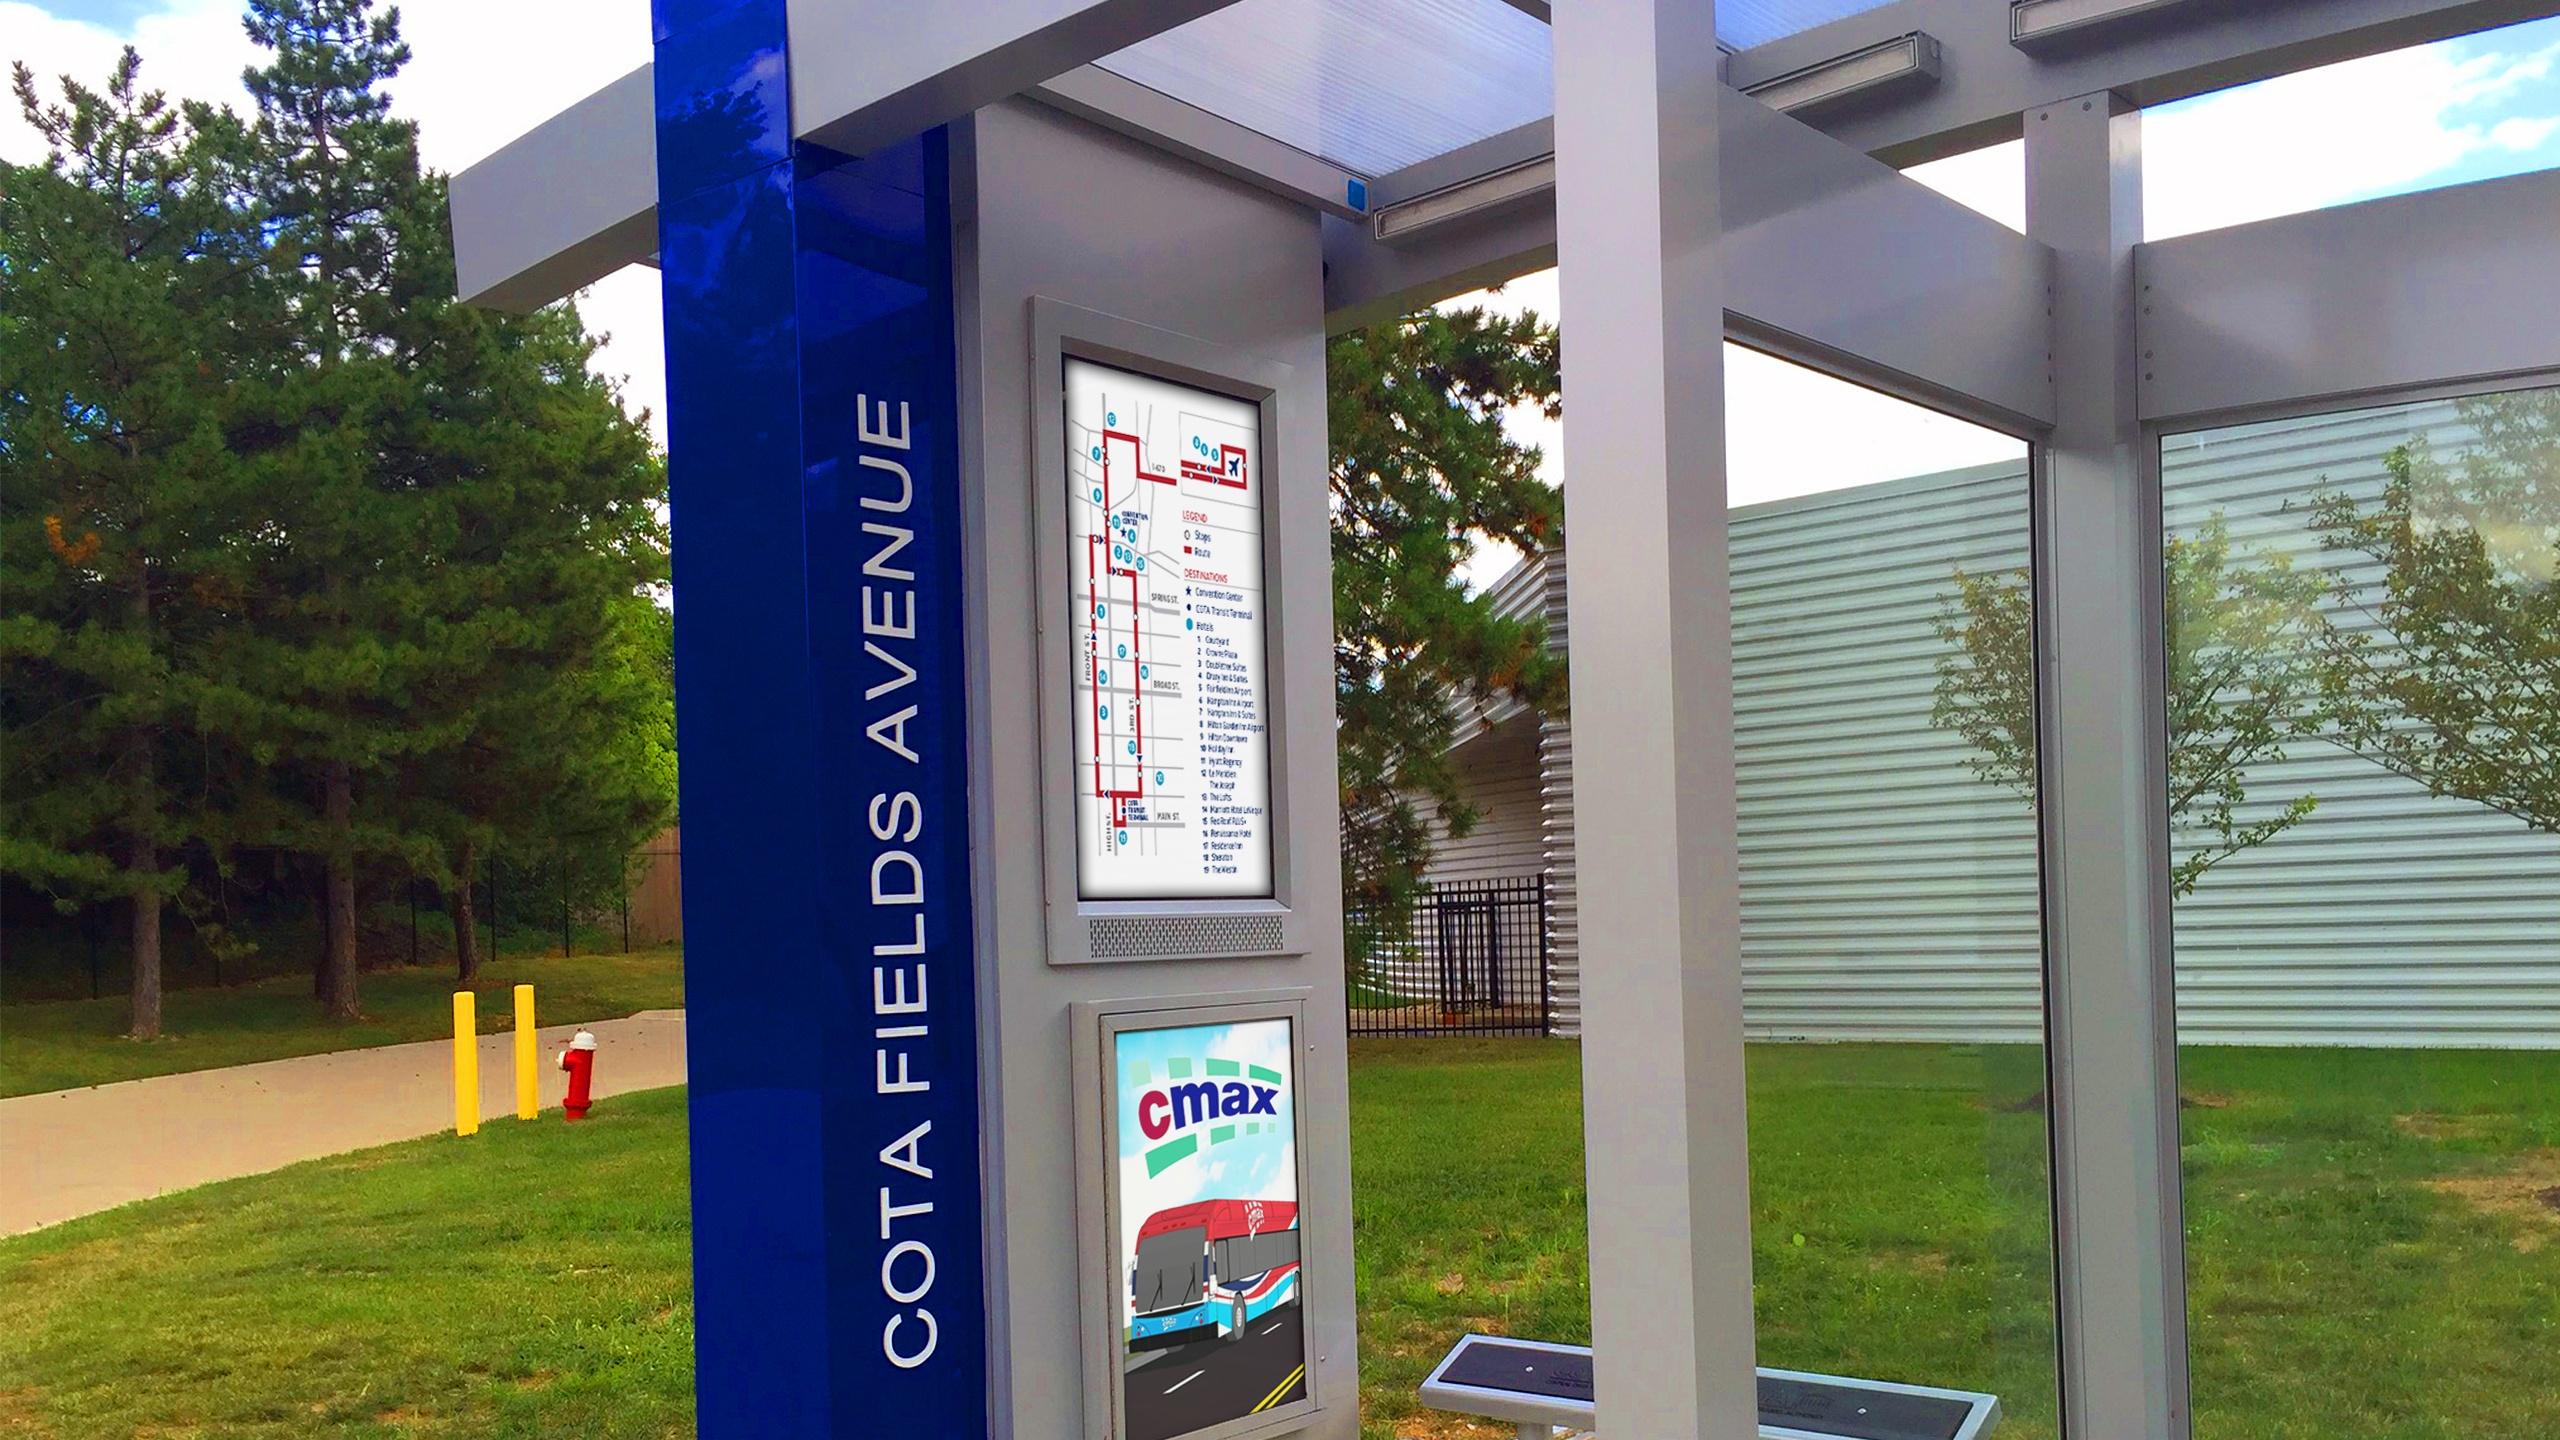 COTA Central Ohio Transit Authority Bus Stop ITSENCLOSURES LCD Enclosure digital signage.jpg